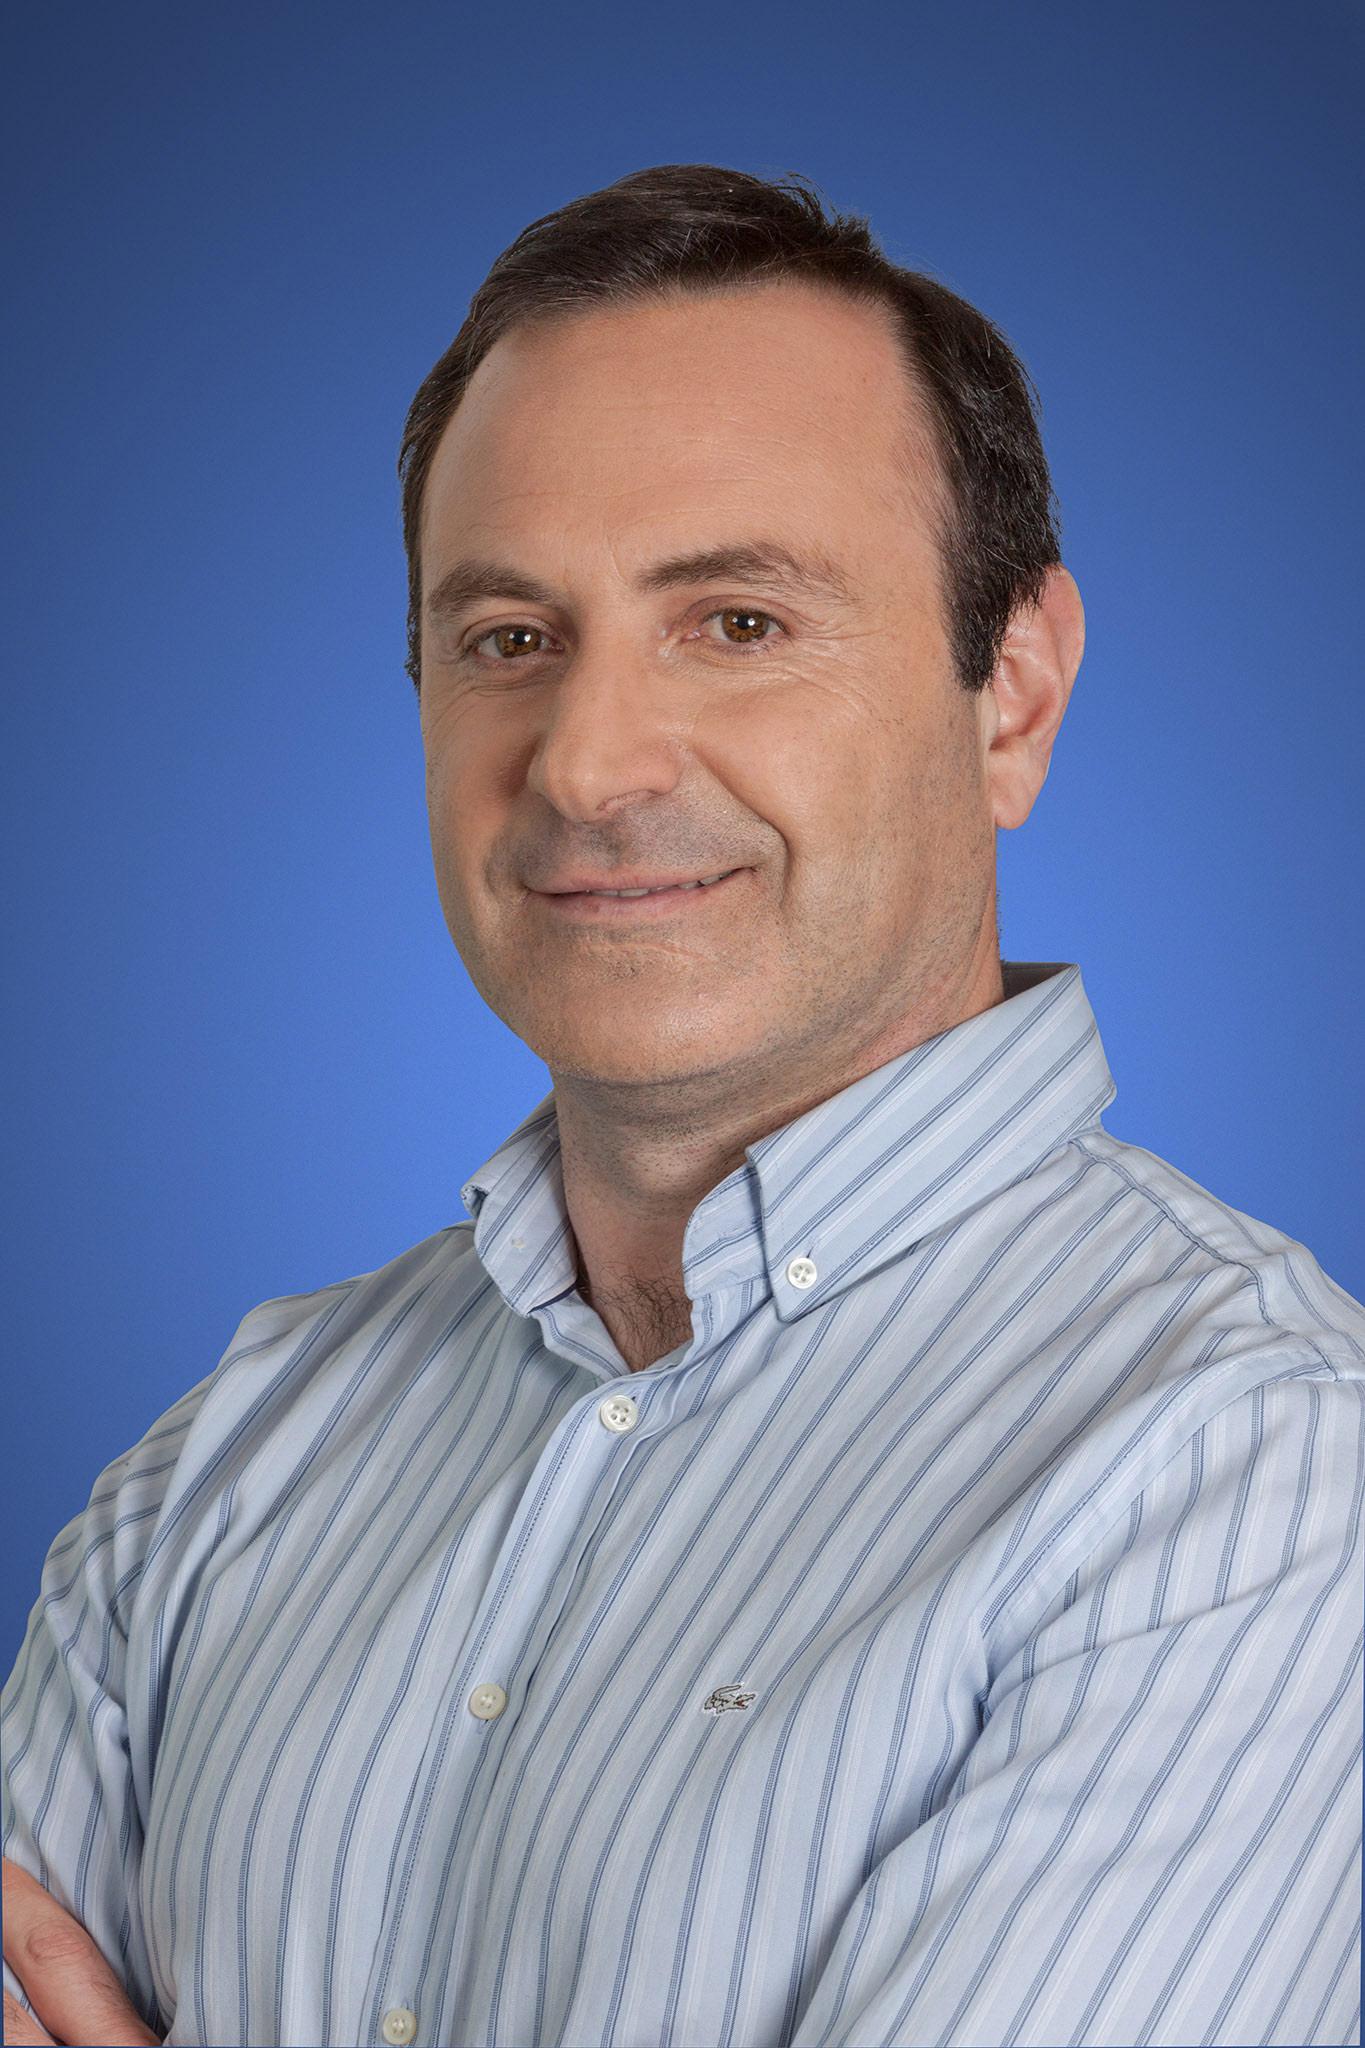 Cesar Maragaño, Gerente Divisional Edificación, Industria y Minería. Director DRS - PMS Perú.